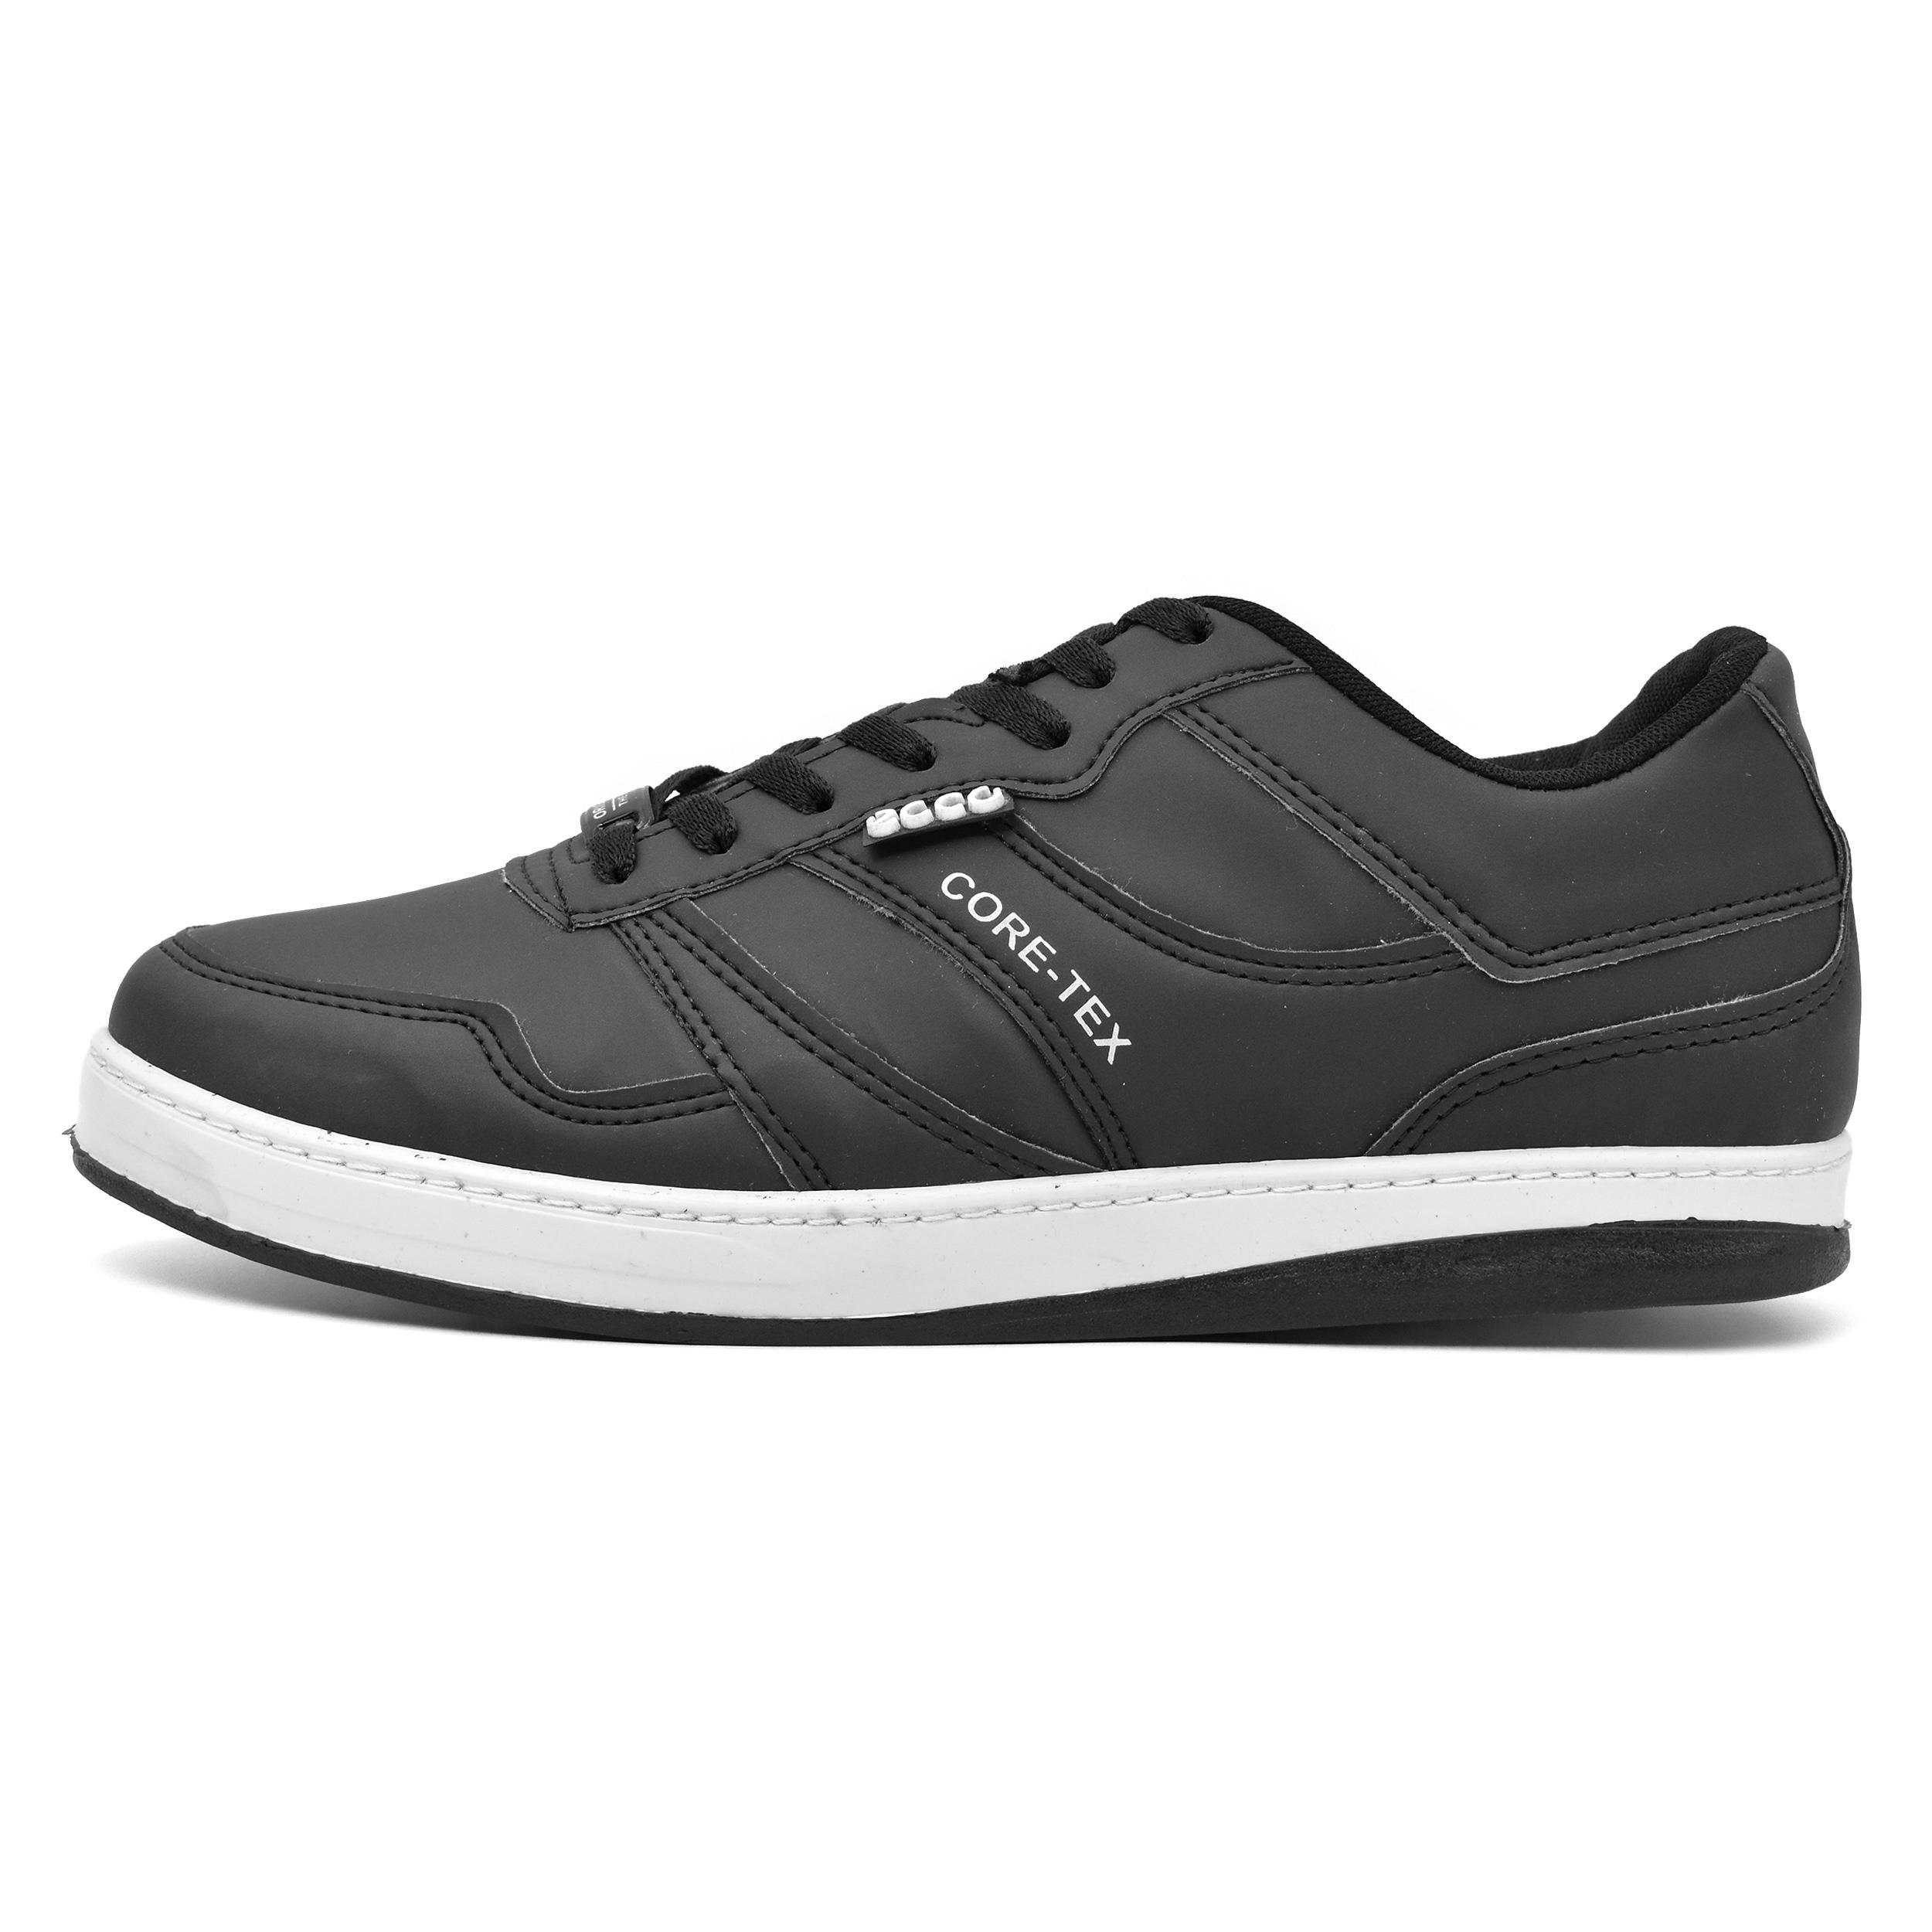 کفش مخصوص پیاده روی مردانه مدل پاس کد 6593